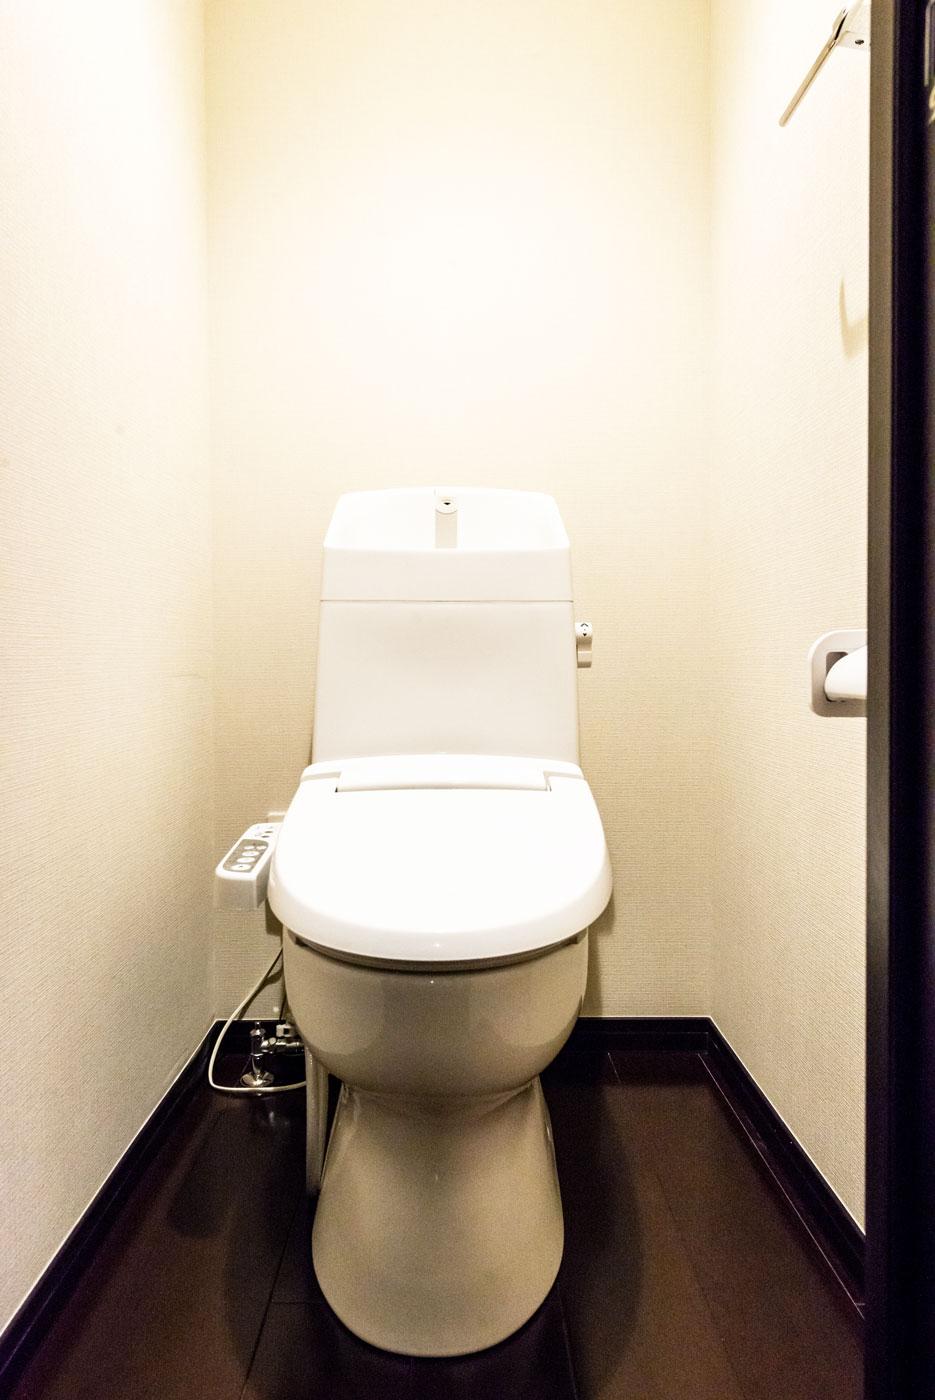 201-5 トイレ(各階Aタイプ・Bタイプ共通)